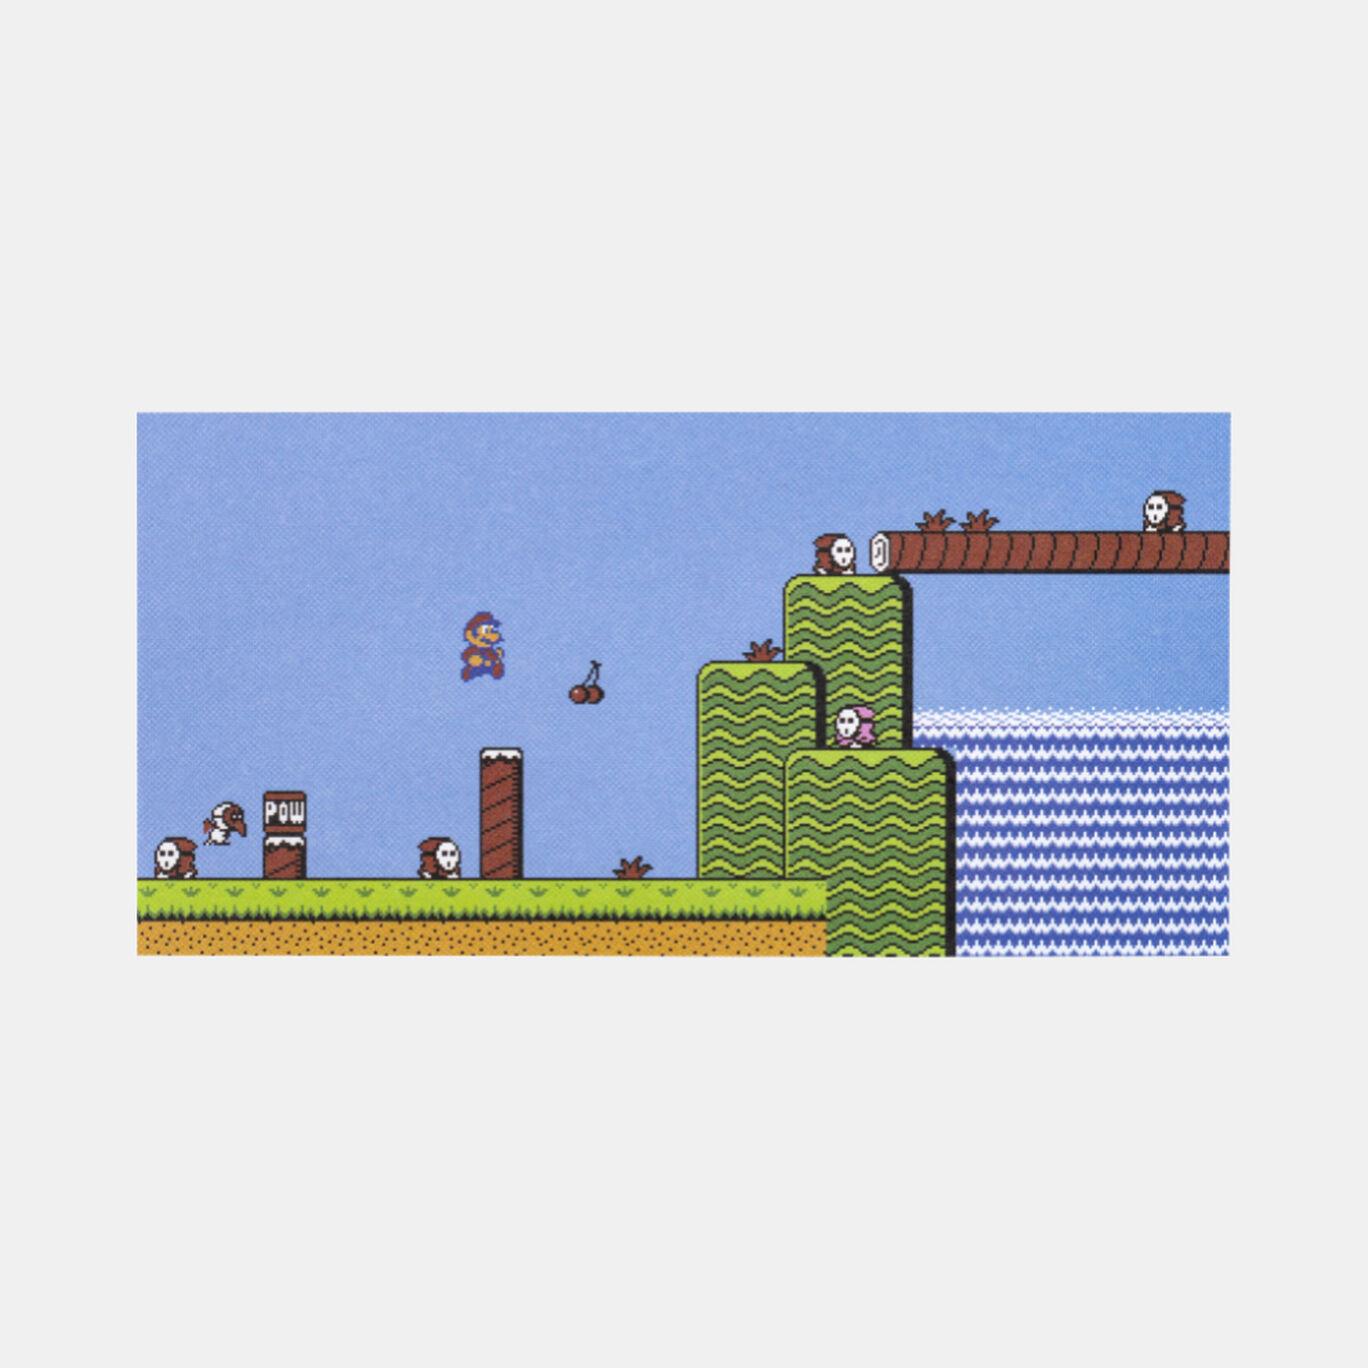 カセット型ケース付きメモ スーパーマリオUSA【Nintendo TOKYO取り扱い商品】